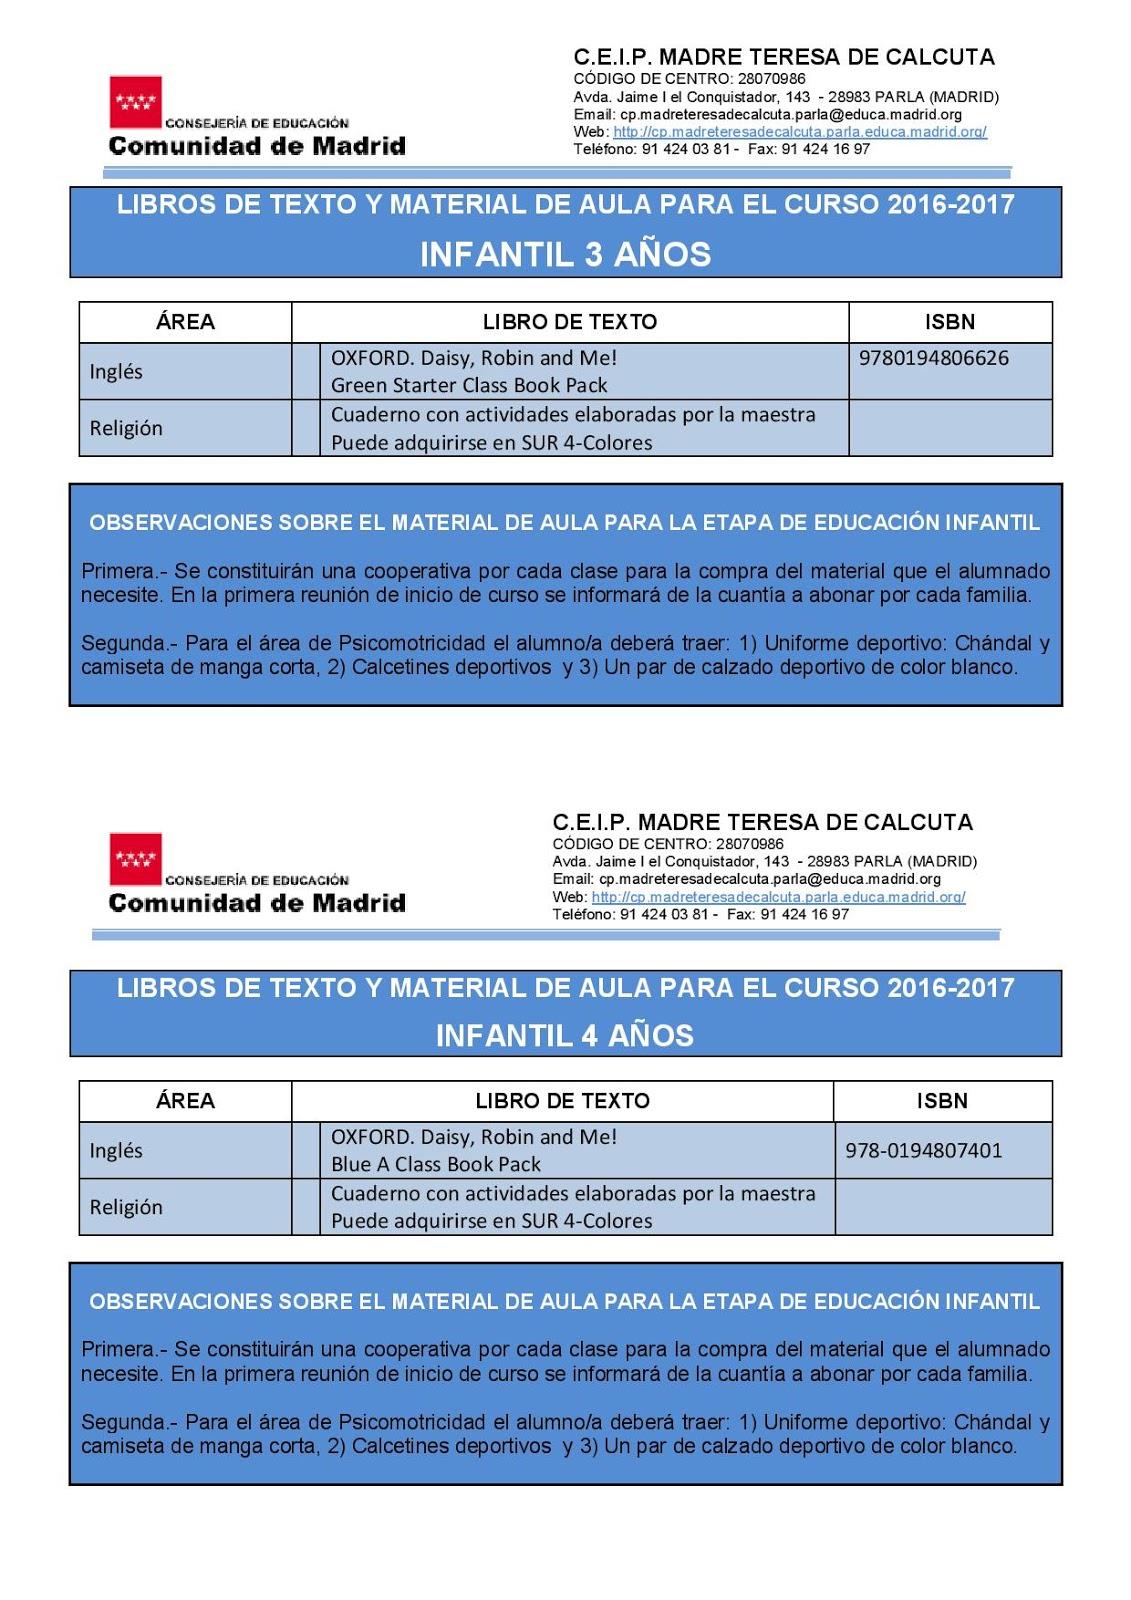 d8f1c631ec LIBROS DE TEXTO Y MATERIAL DE AULA PARA EL CURSO 2016-2017. Publicado por  AMPA MADRE TERESA ...